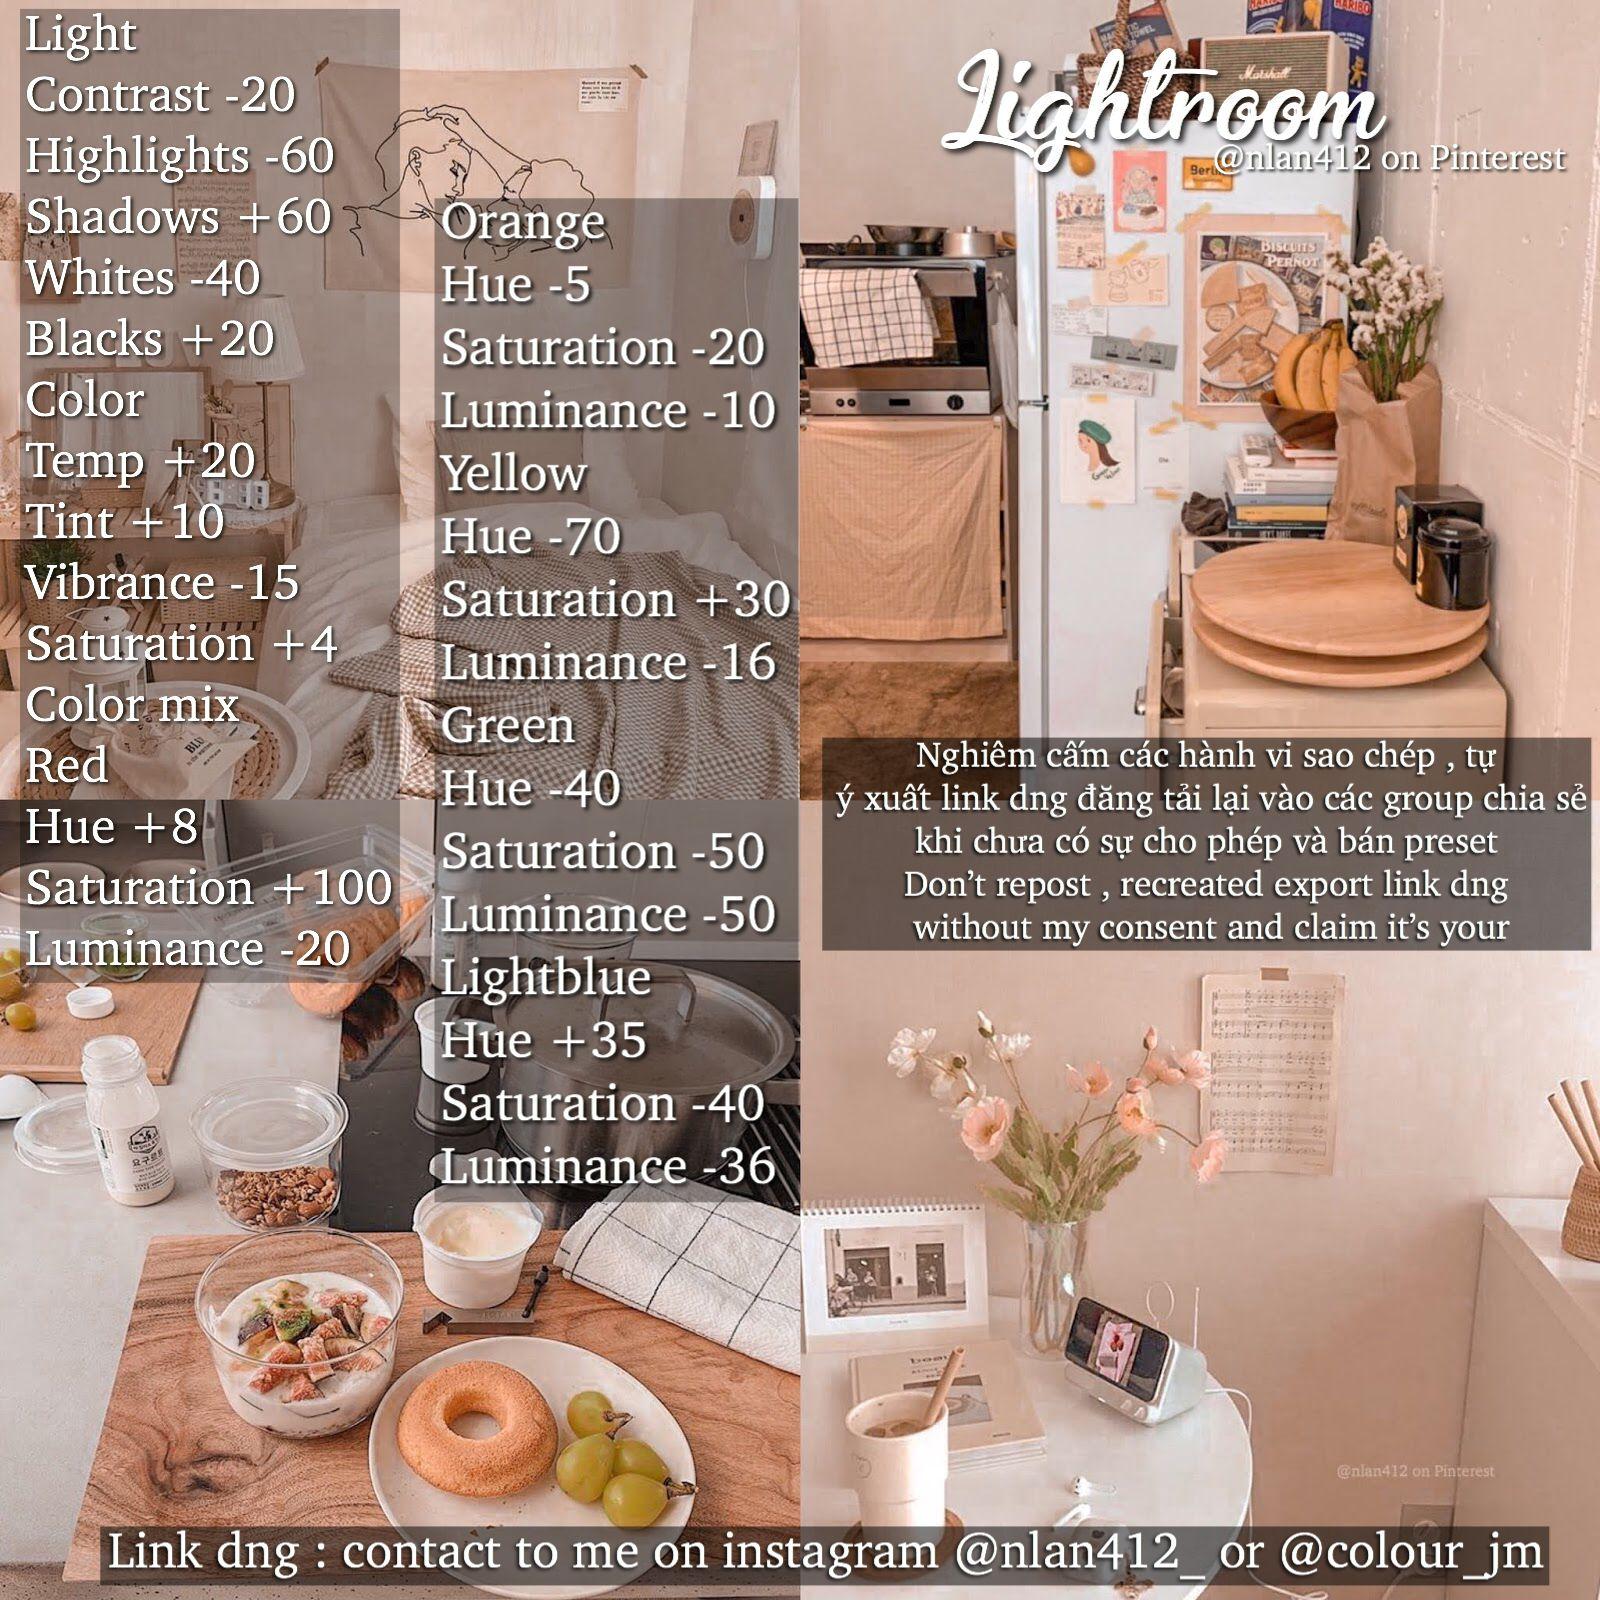 Lightroom free lightroom presets lightroompreset trong